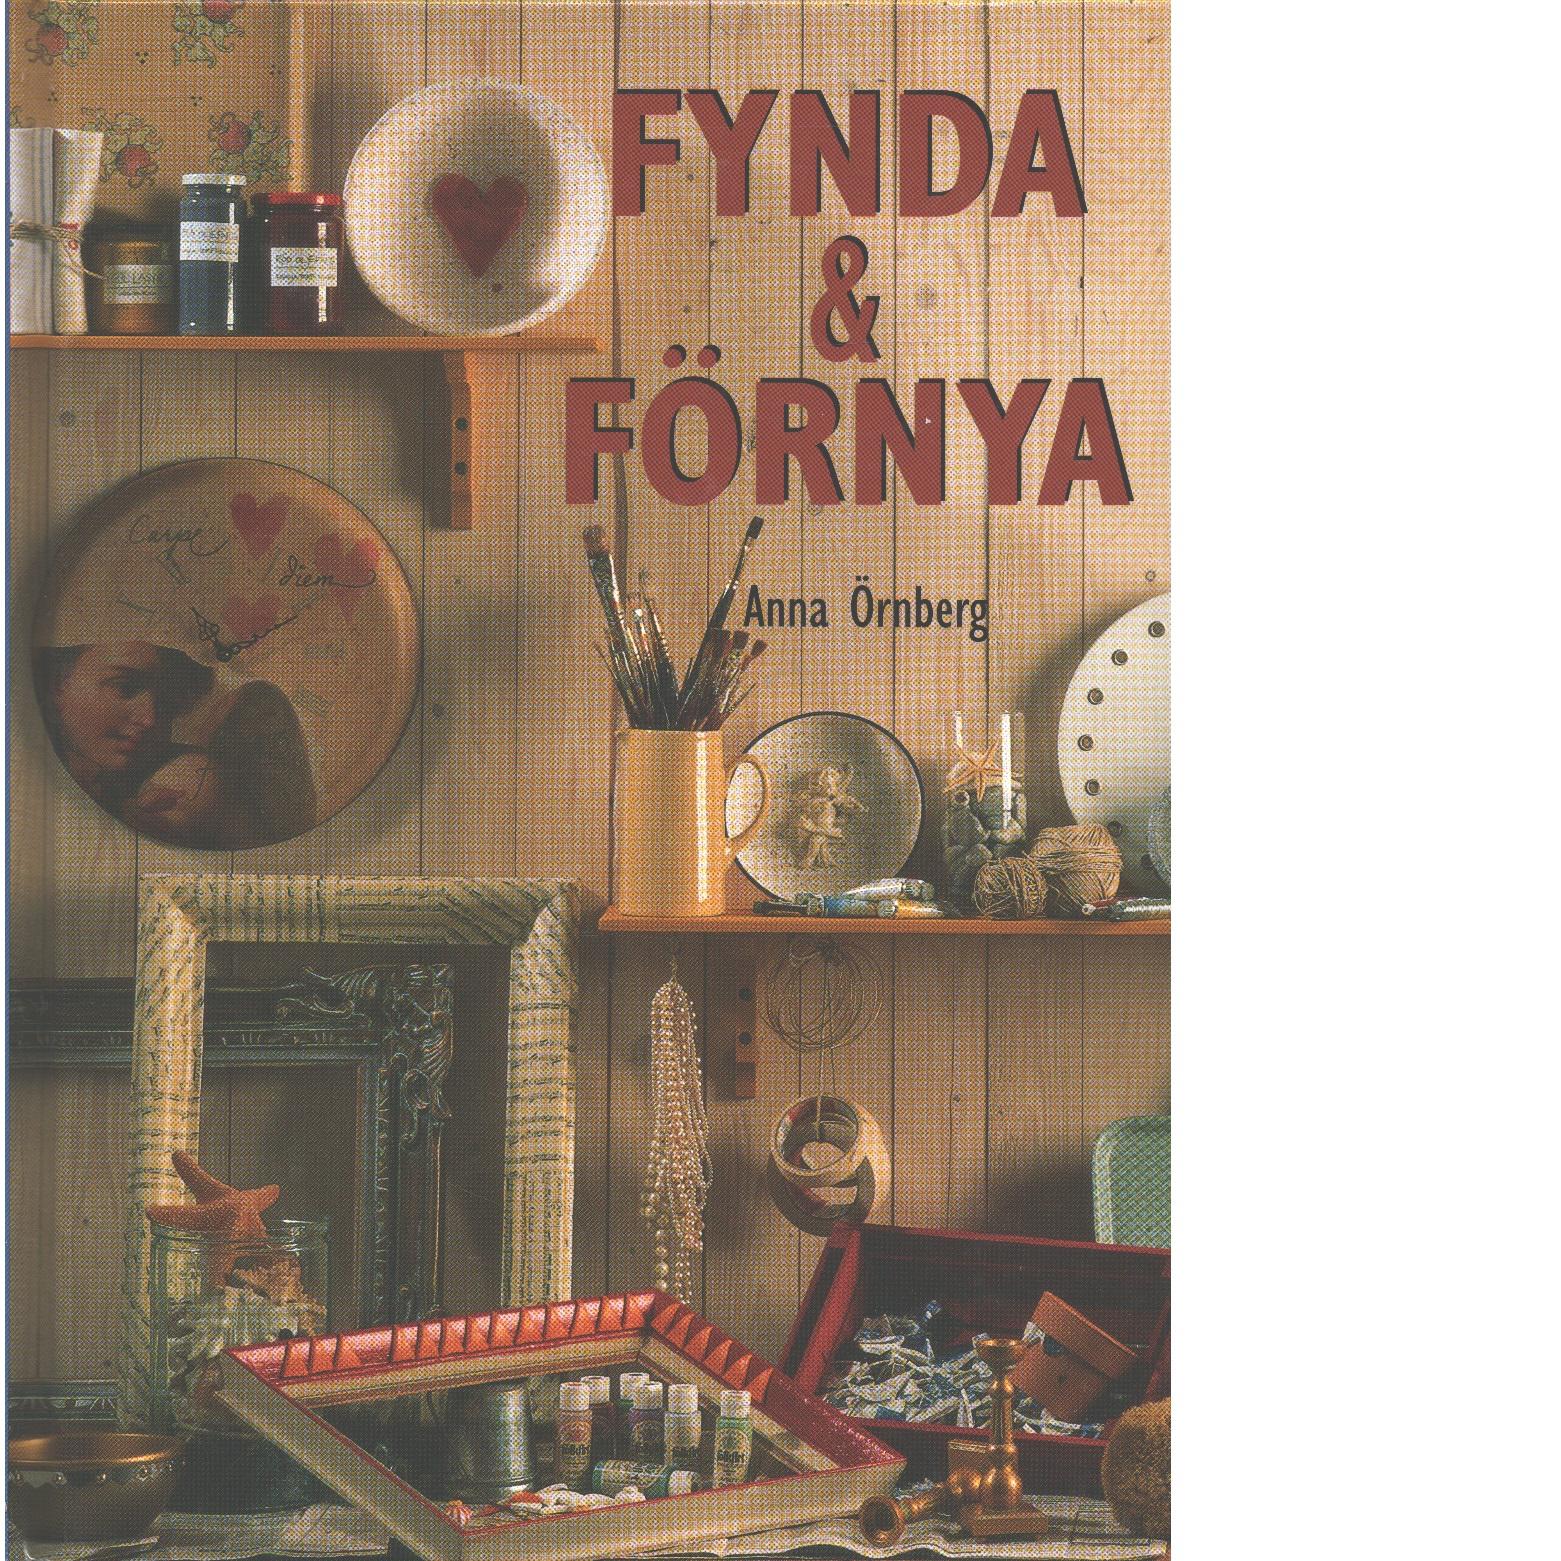 Fynda & förnya  - Örnberg, Anna